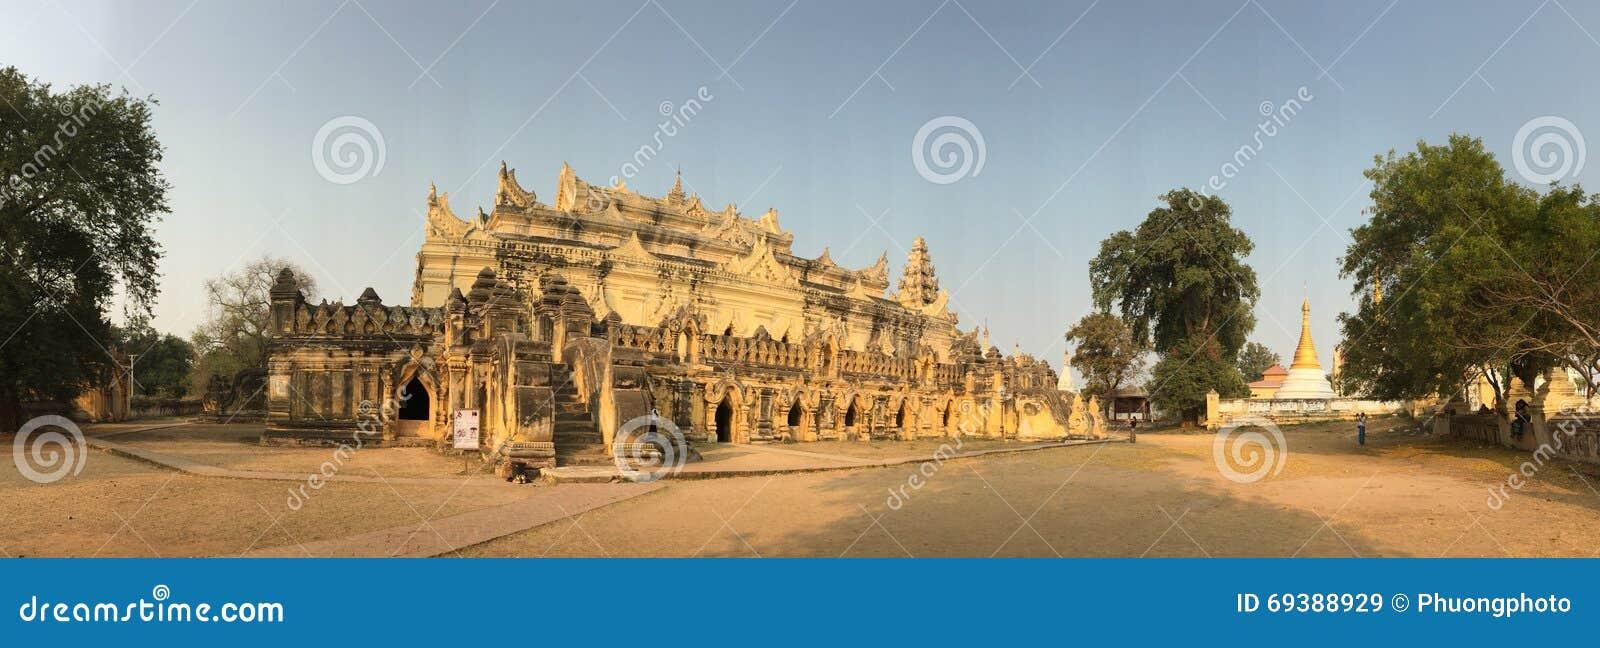 Opinión del panorama del templo en el pueblo de Innwa en Myanmar